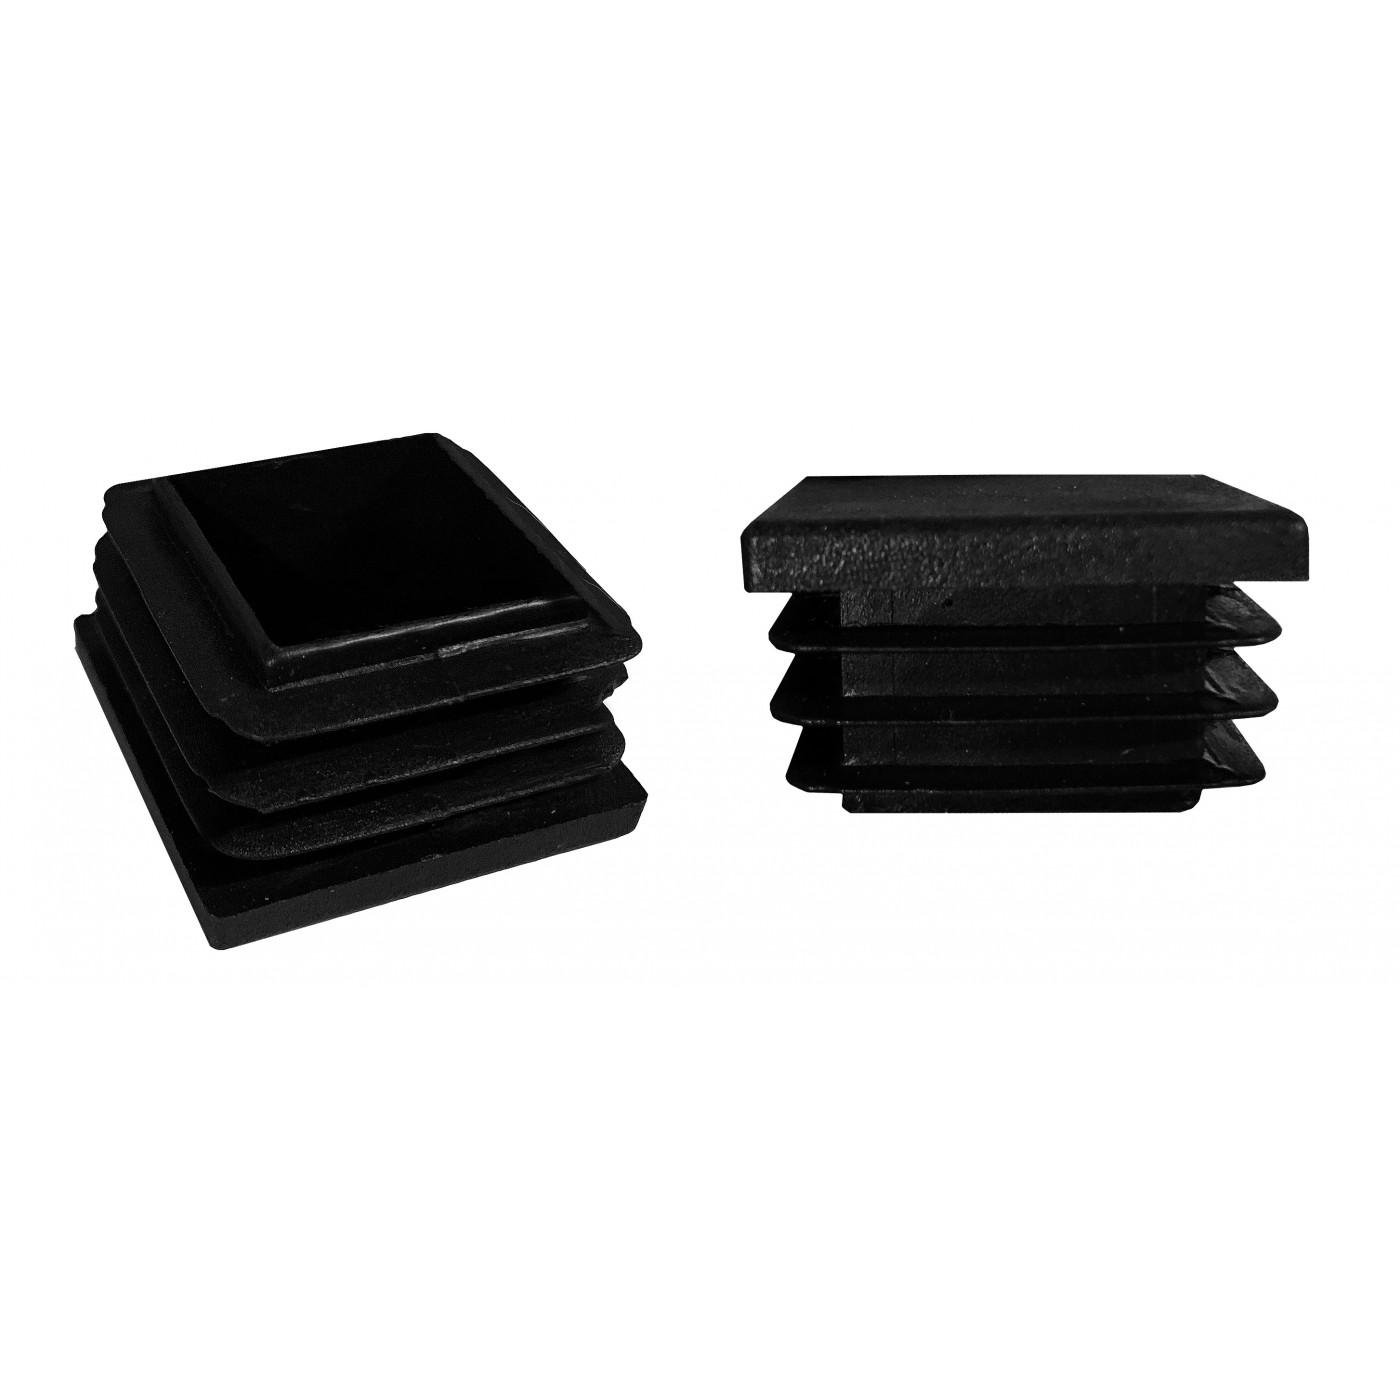 Set van 50 stoelpootdoppen (F17/E19/D20, zwart)  - 1